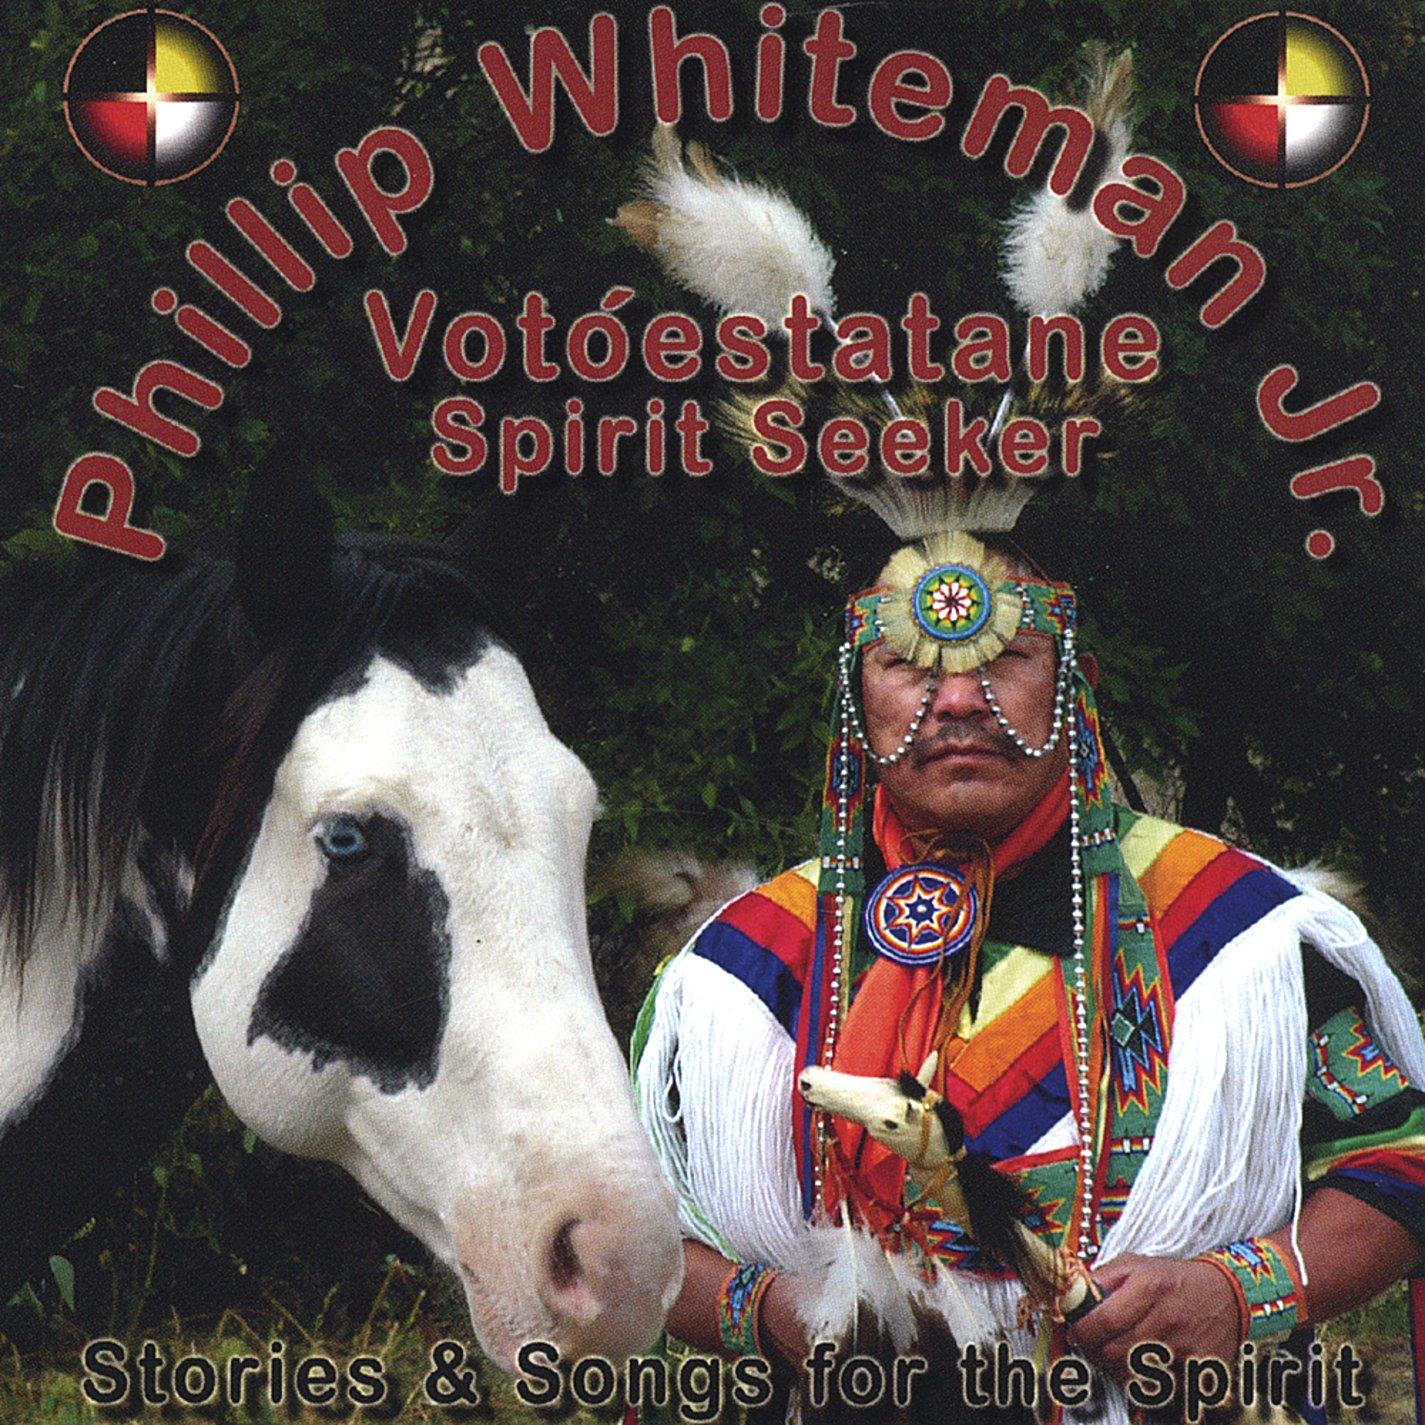 Spirit Seeker                                                                                                                                                                                                                                                    <span class=